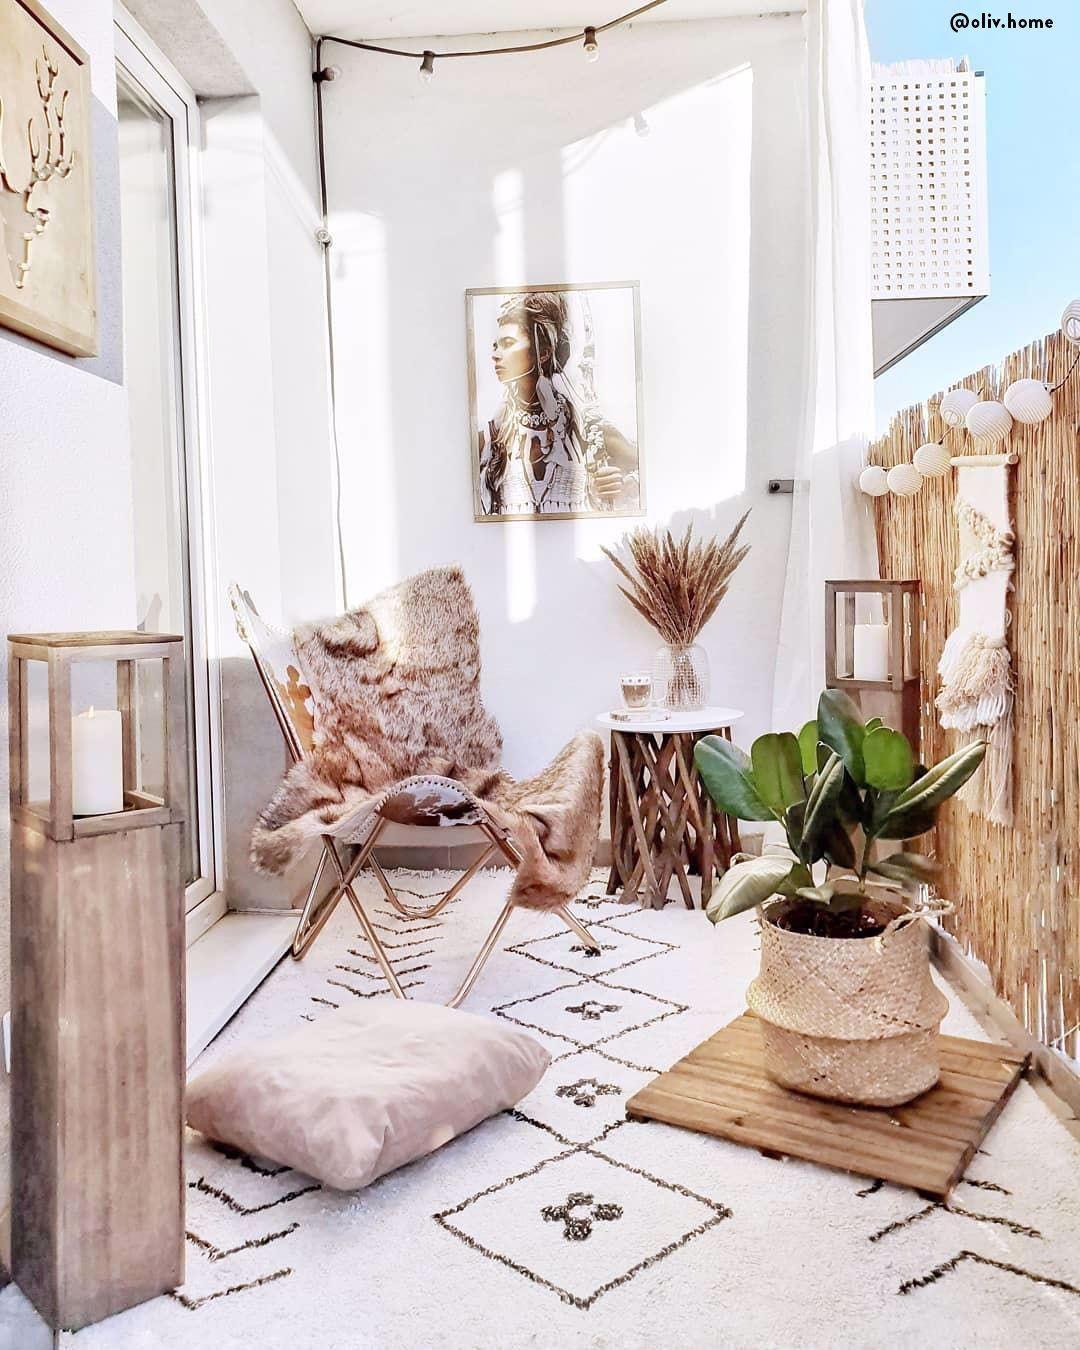 Arredo Balconi E Terrazze arredo esterno: mobili, decorazioni e accessori outdoor in